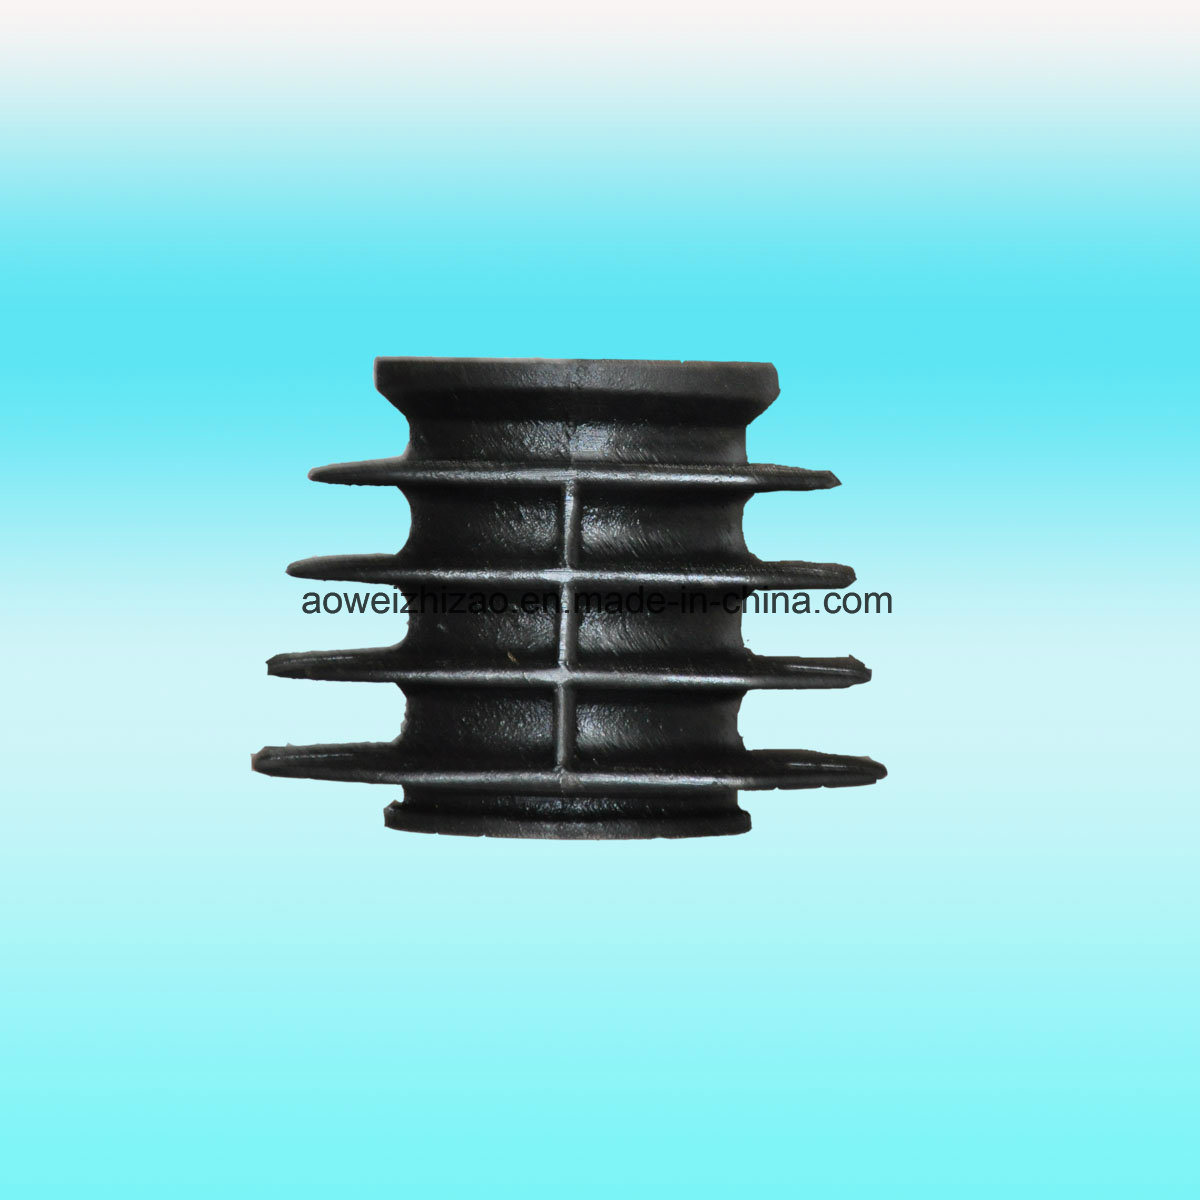 Cylinder Liner/Cylinder Sleeve/Cylinder Blcok/for Truck Diesel Engine/Casting/Awgt-001